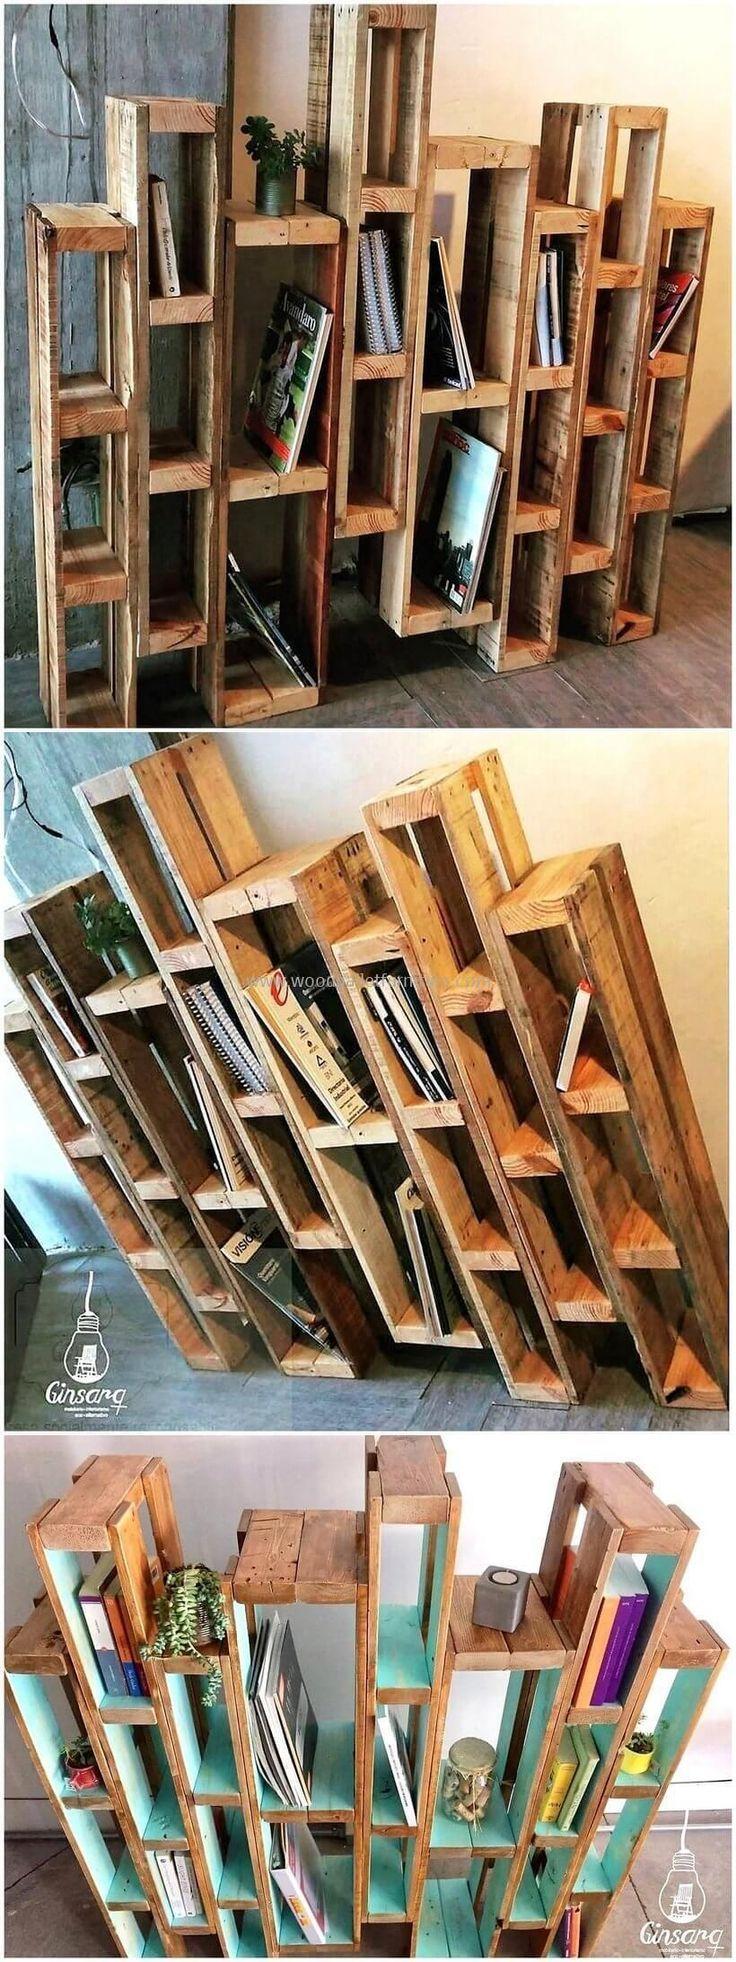 20 einzigartige Holzpalettenideen, die Sie lieben werden - Diy and Crafts #palettenideen